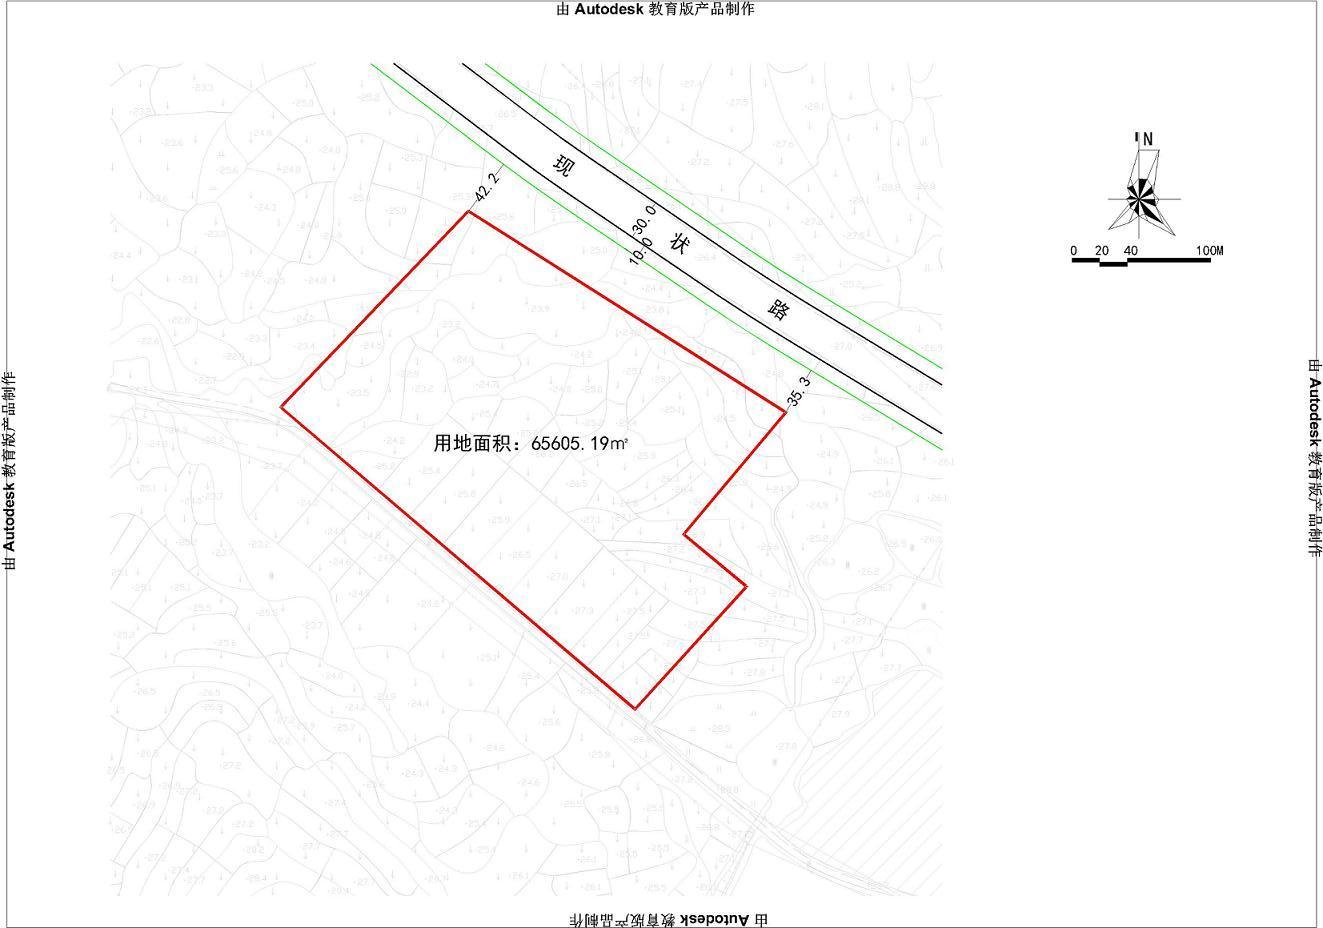 武汉谦森岛庄园有限公司申请在祁家湾街夏王村建设祁家湾街谦森岛第